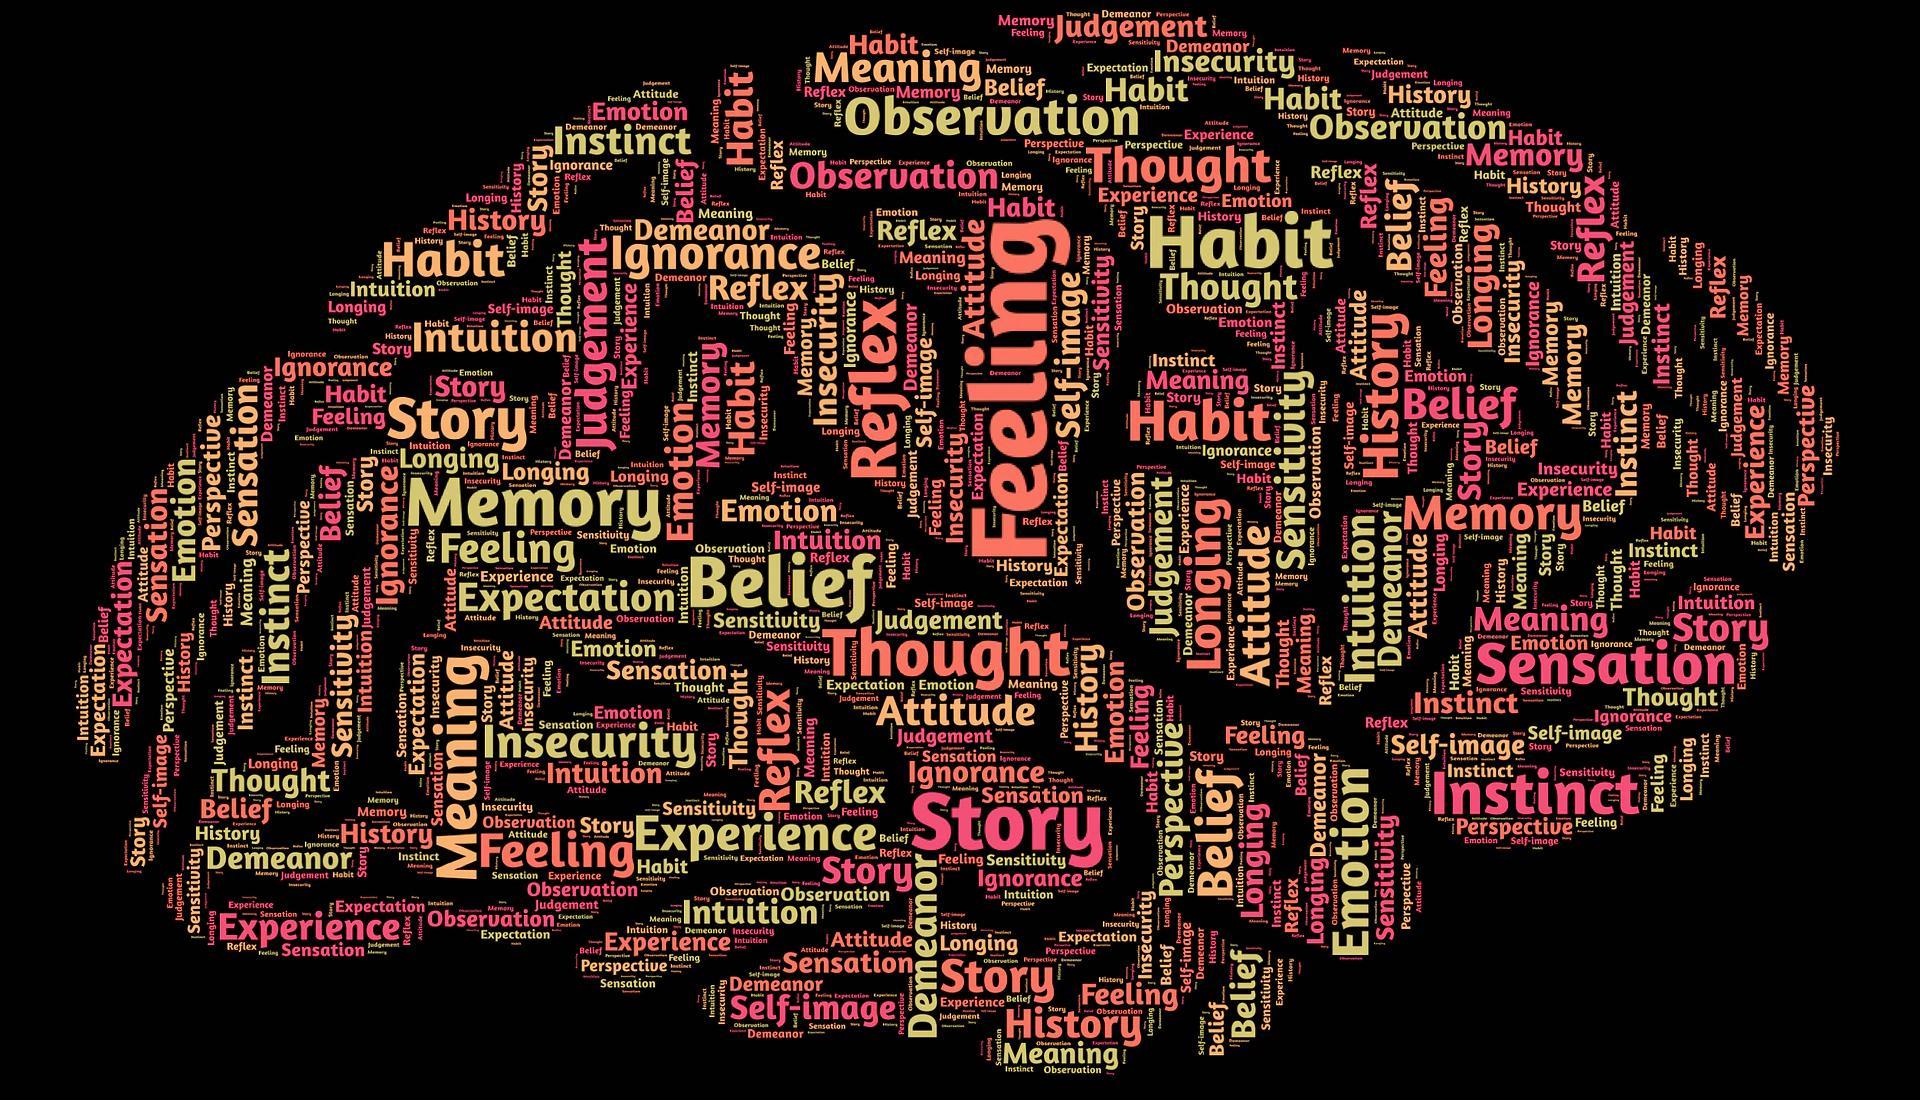 Нейробиологи обнаружили «скрытые» мысли